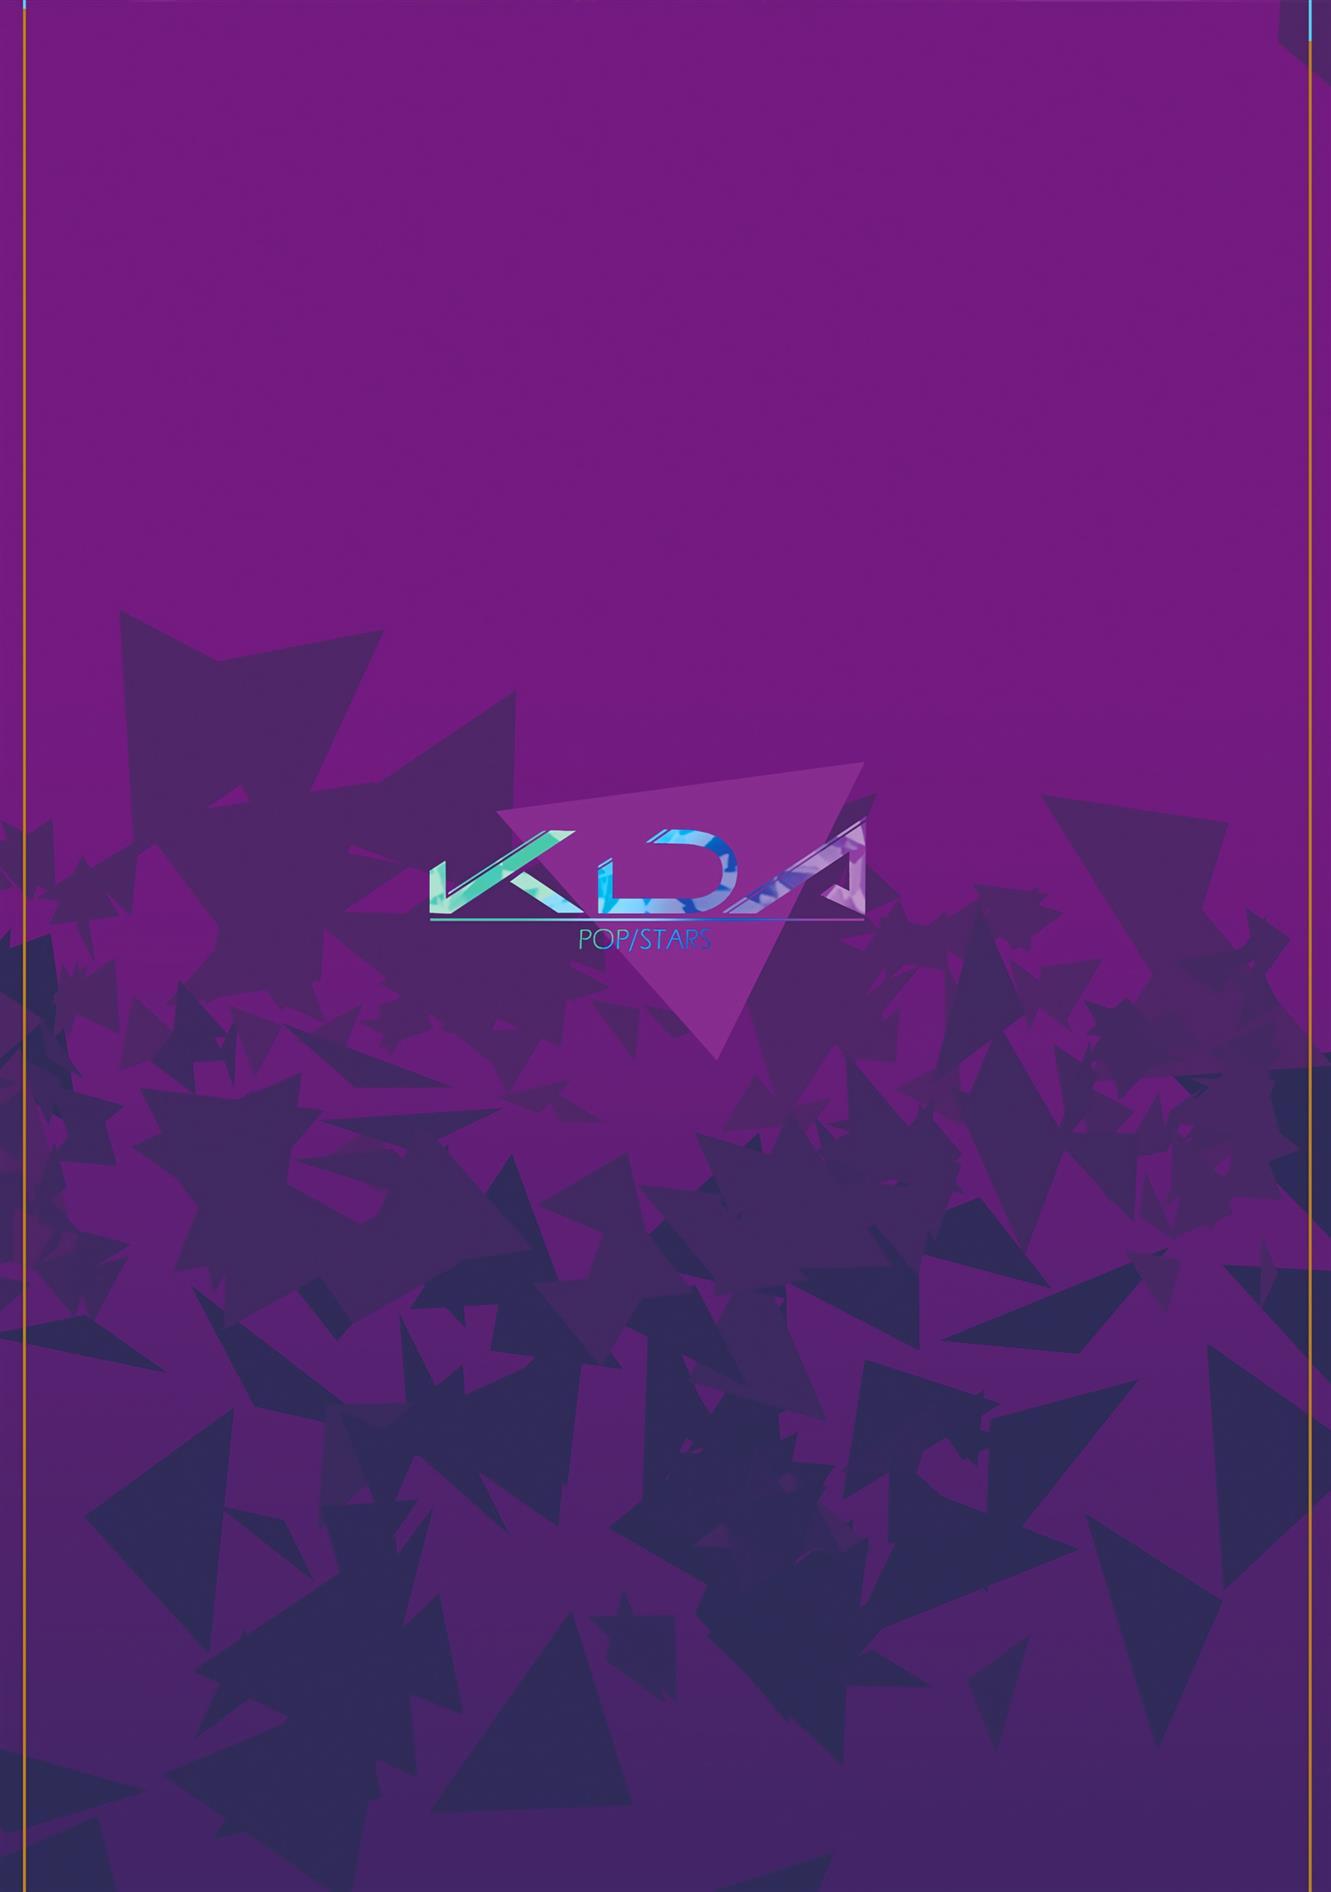 KDA A&E (League of Legends)